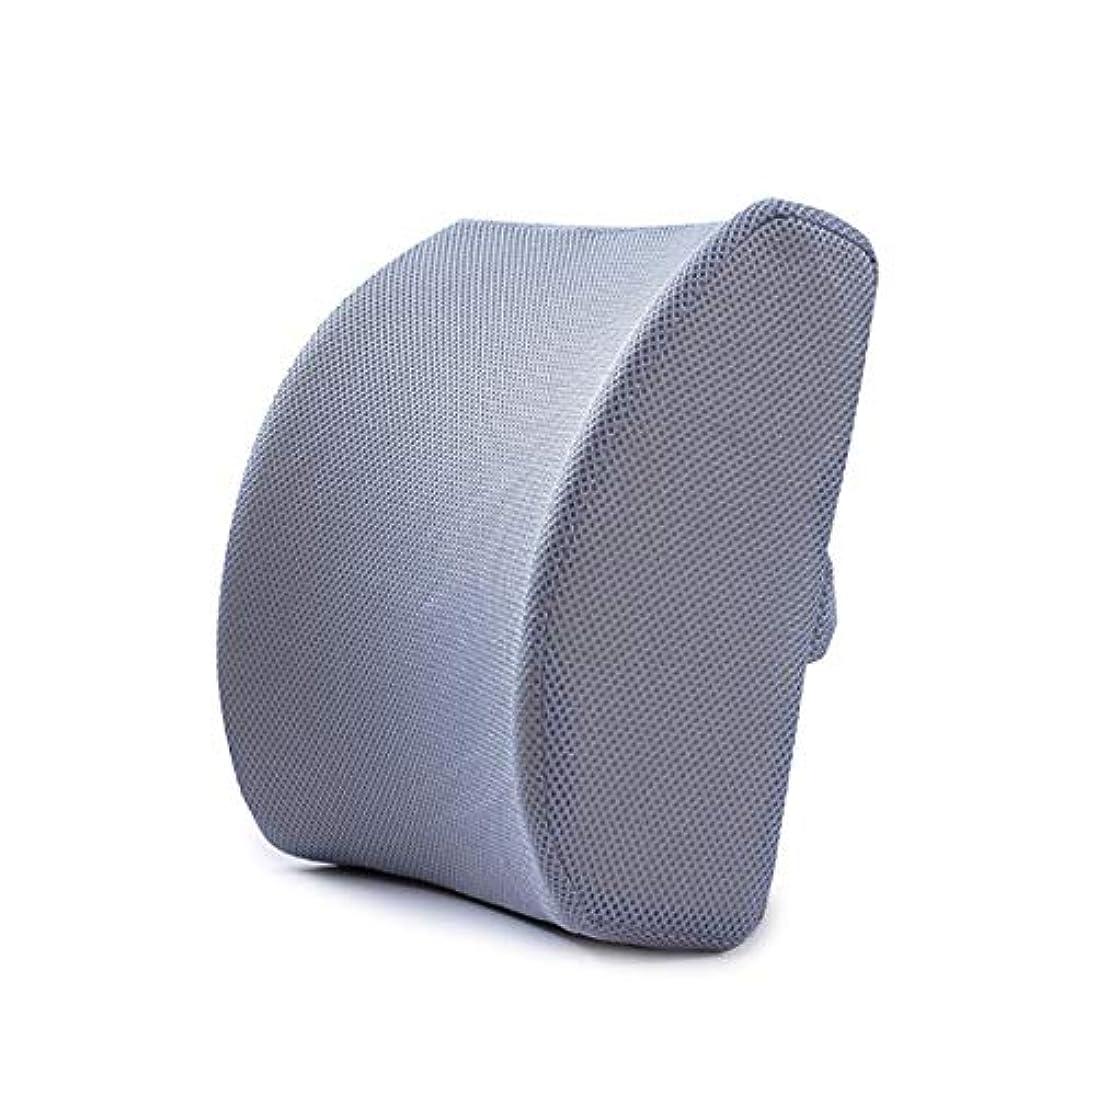 浸漬すなわちはっきりとLIFE ホームオフィス背もたれ椅子腰椎クッションカーシートネック枕 3D 低反発サポートバックマッサージウエストレスリビング枕 クッション 椅子